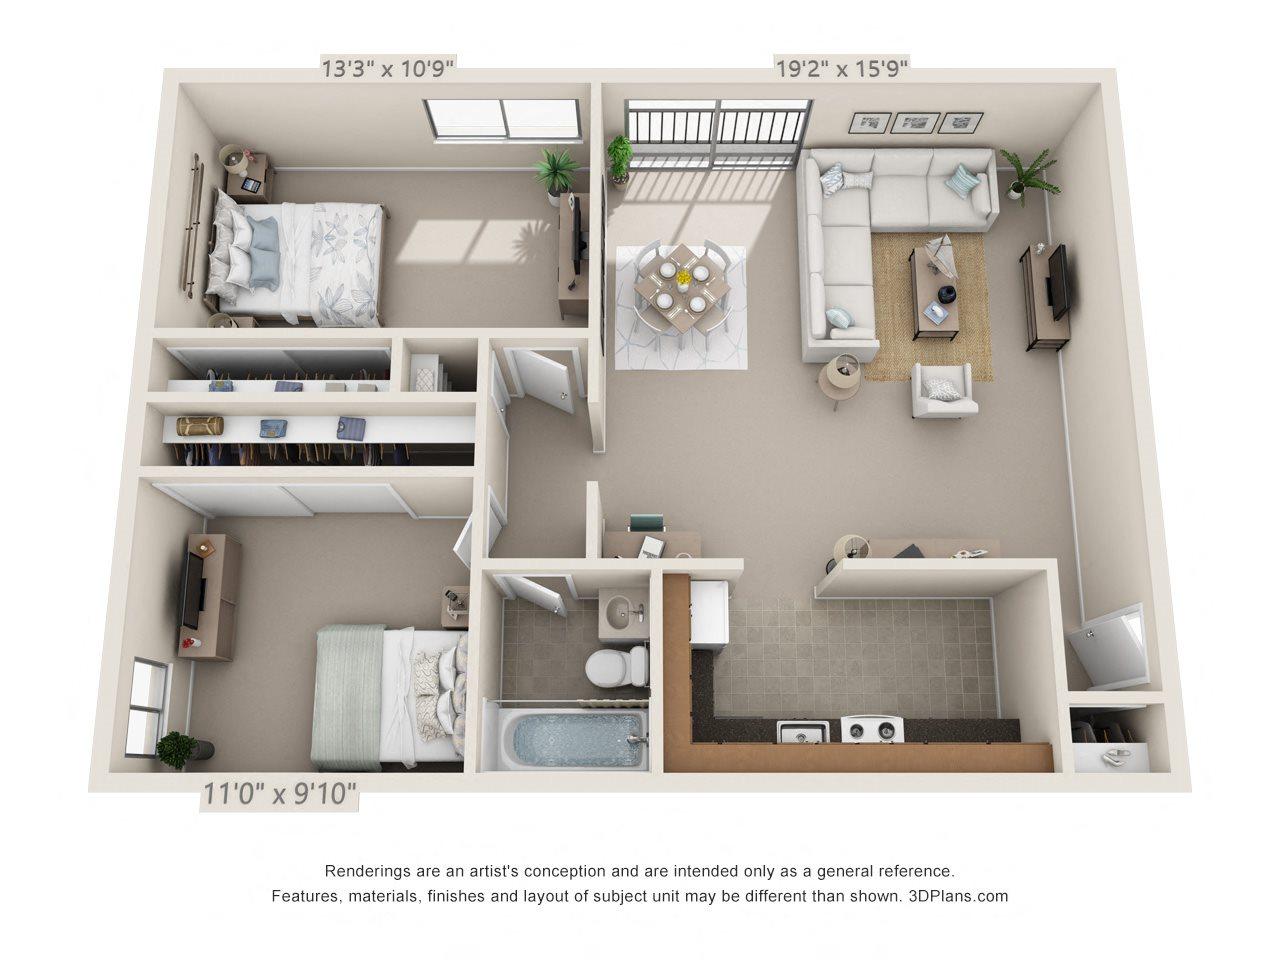 2 Bedroom, 1 Bath (Upper) Floor Plan 4